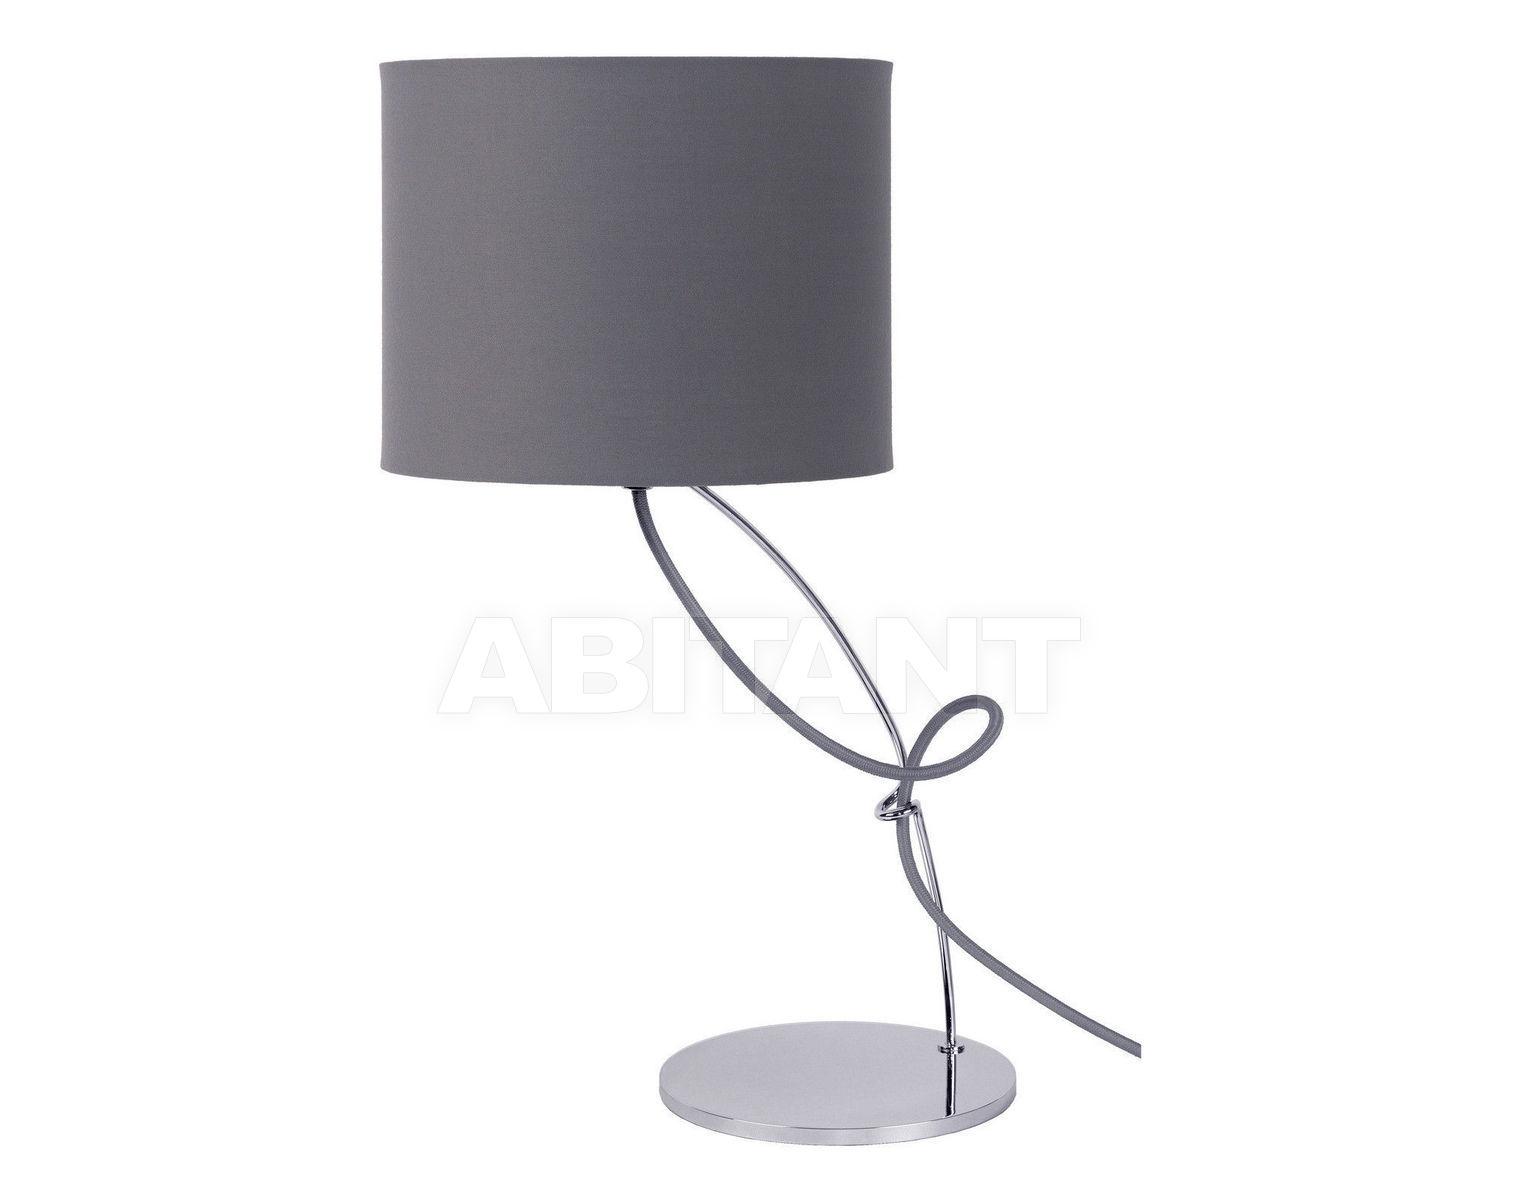 Купить Лампа настольная SWING Lucide  Floor & Table Lamps 17558/81/36